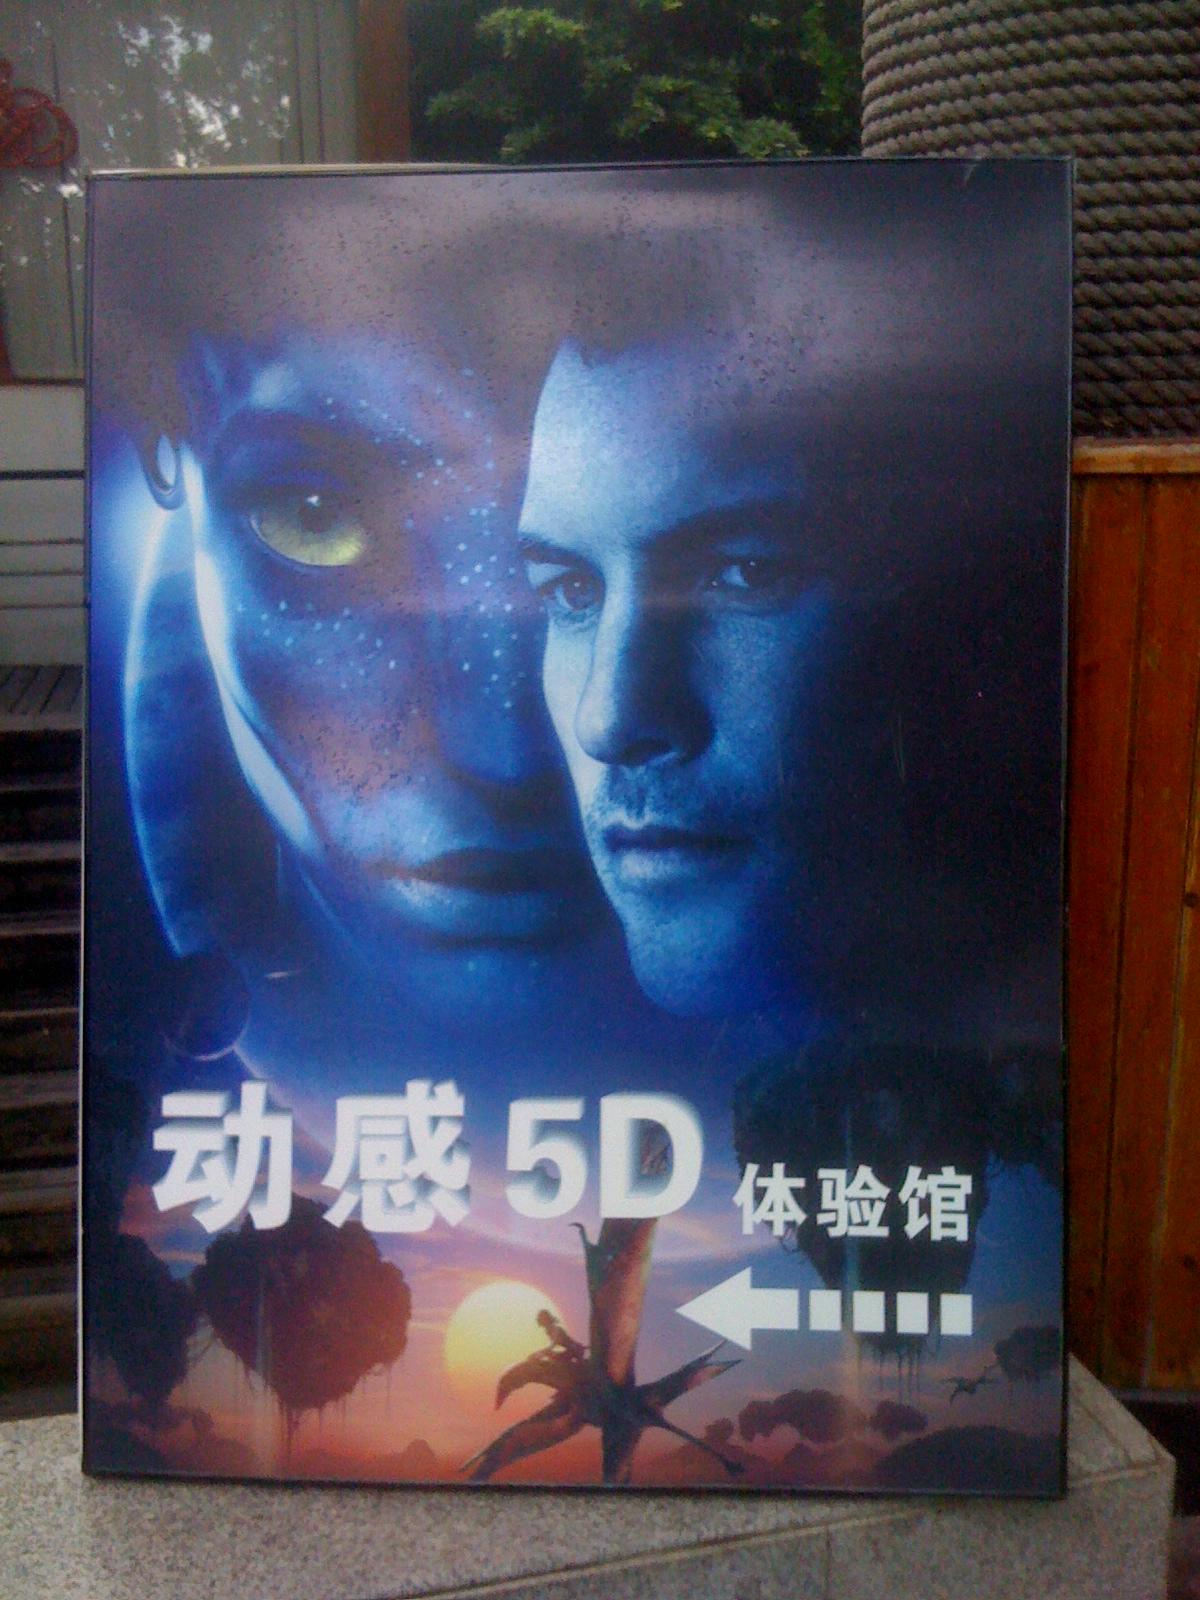 激しすぎる5D映画